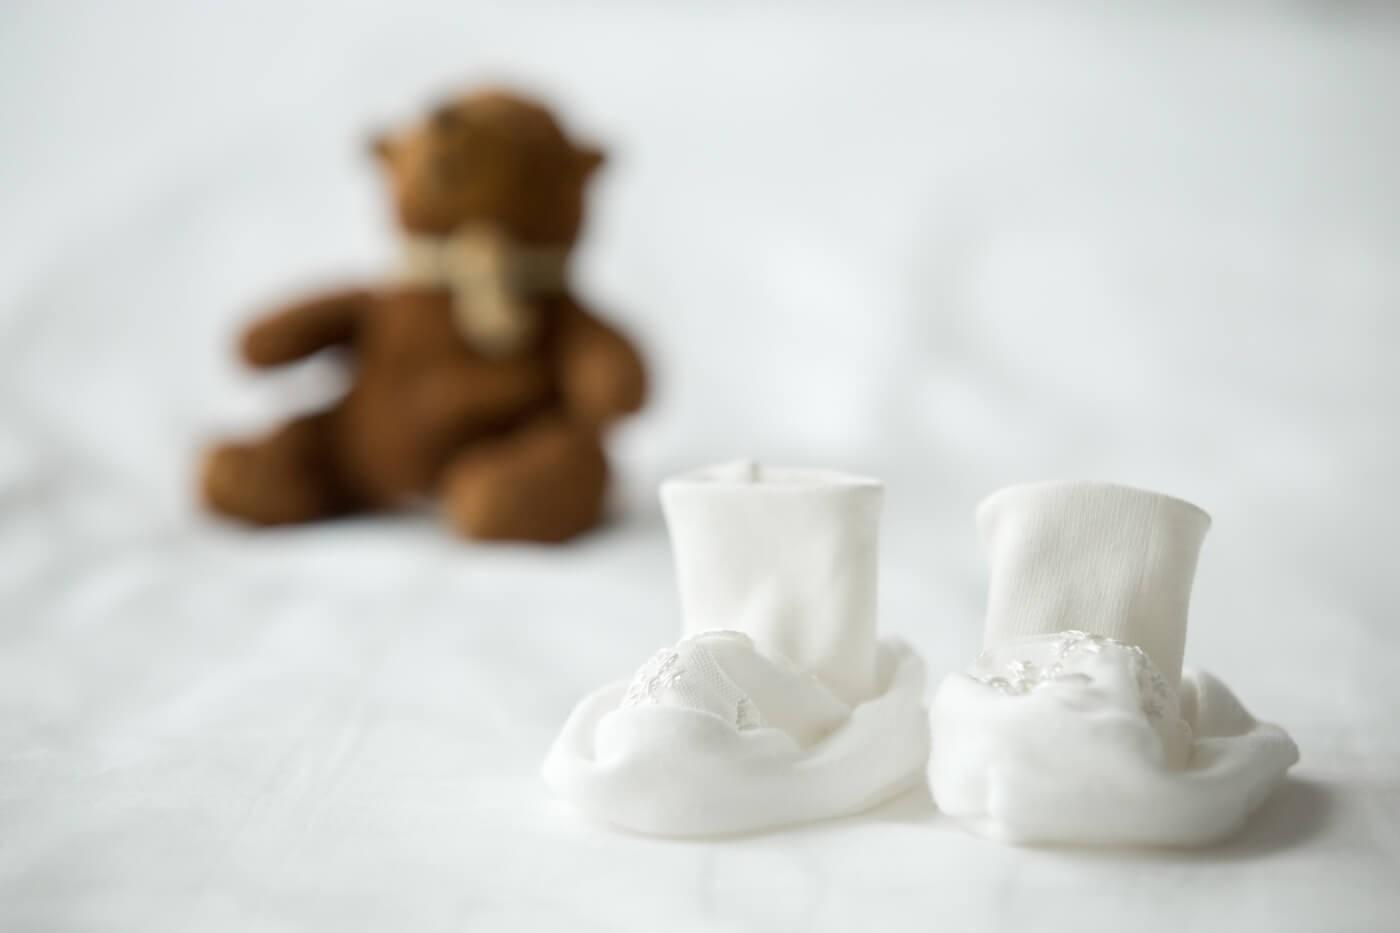 Планирование пола ребенка до зачатия: правда и вымысел